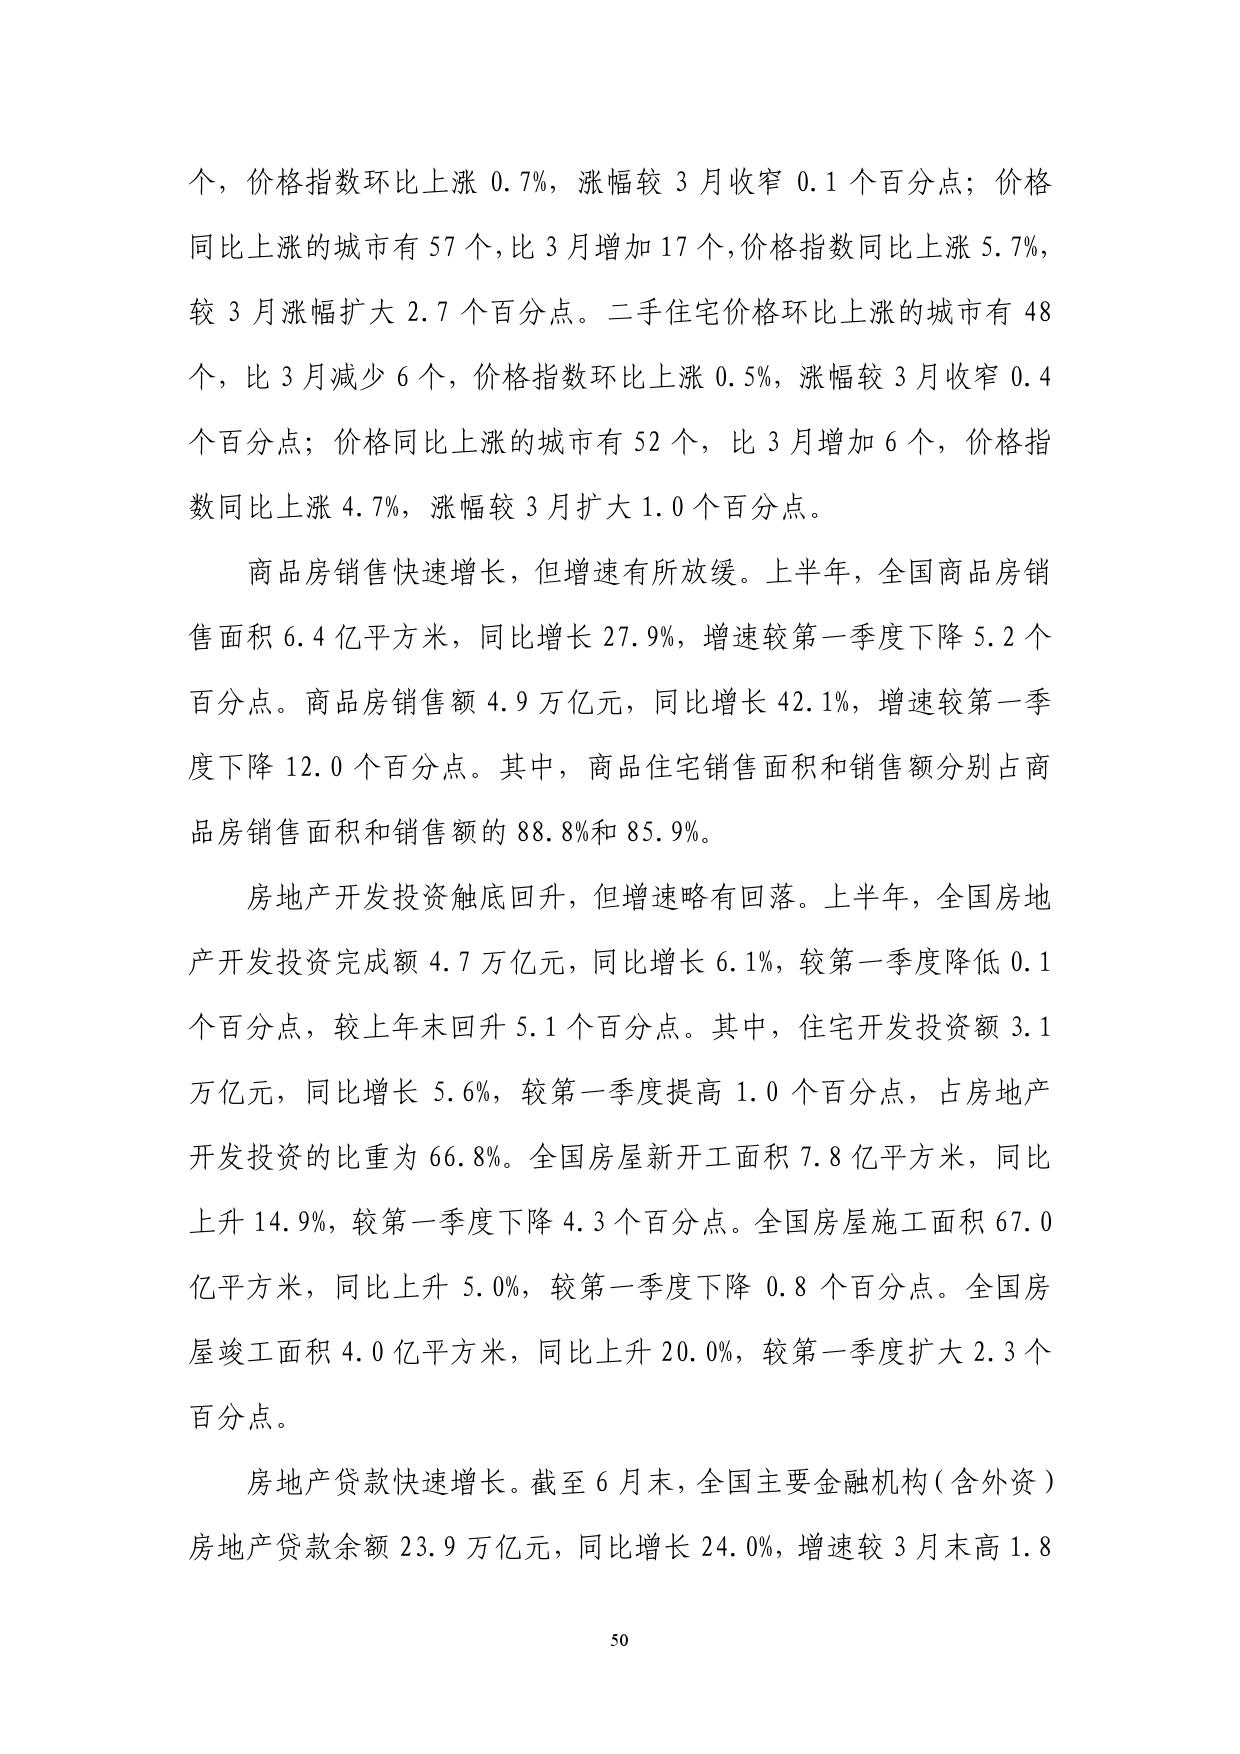 2016年Q2中国货币政策执行报告_000056